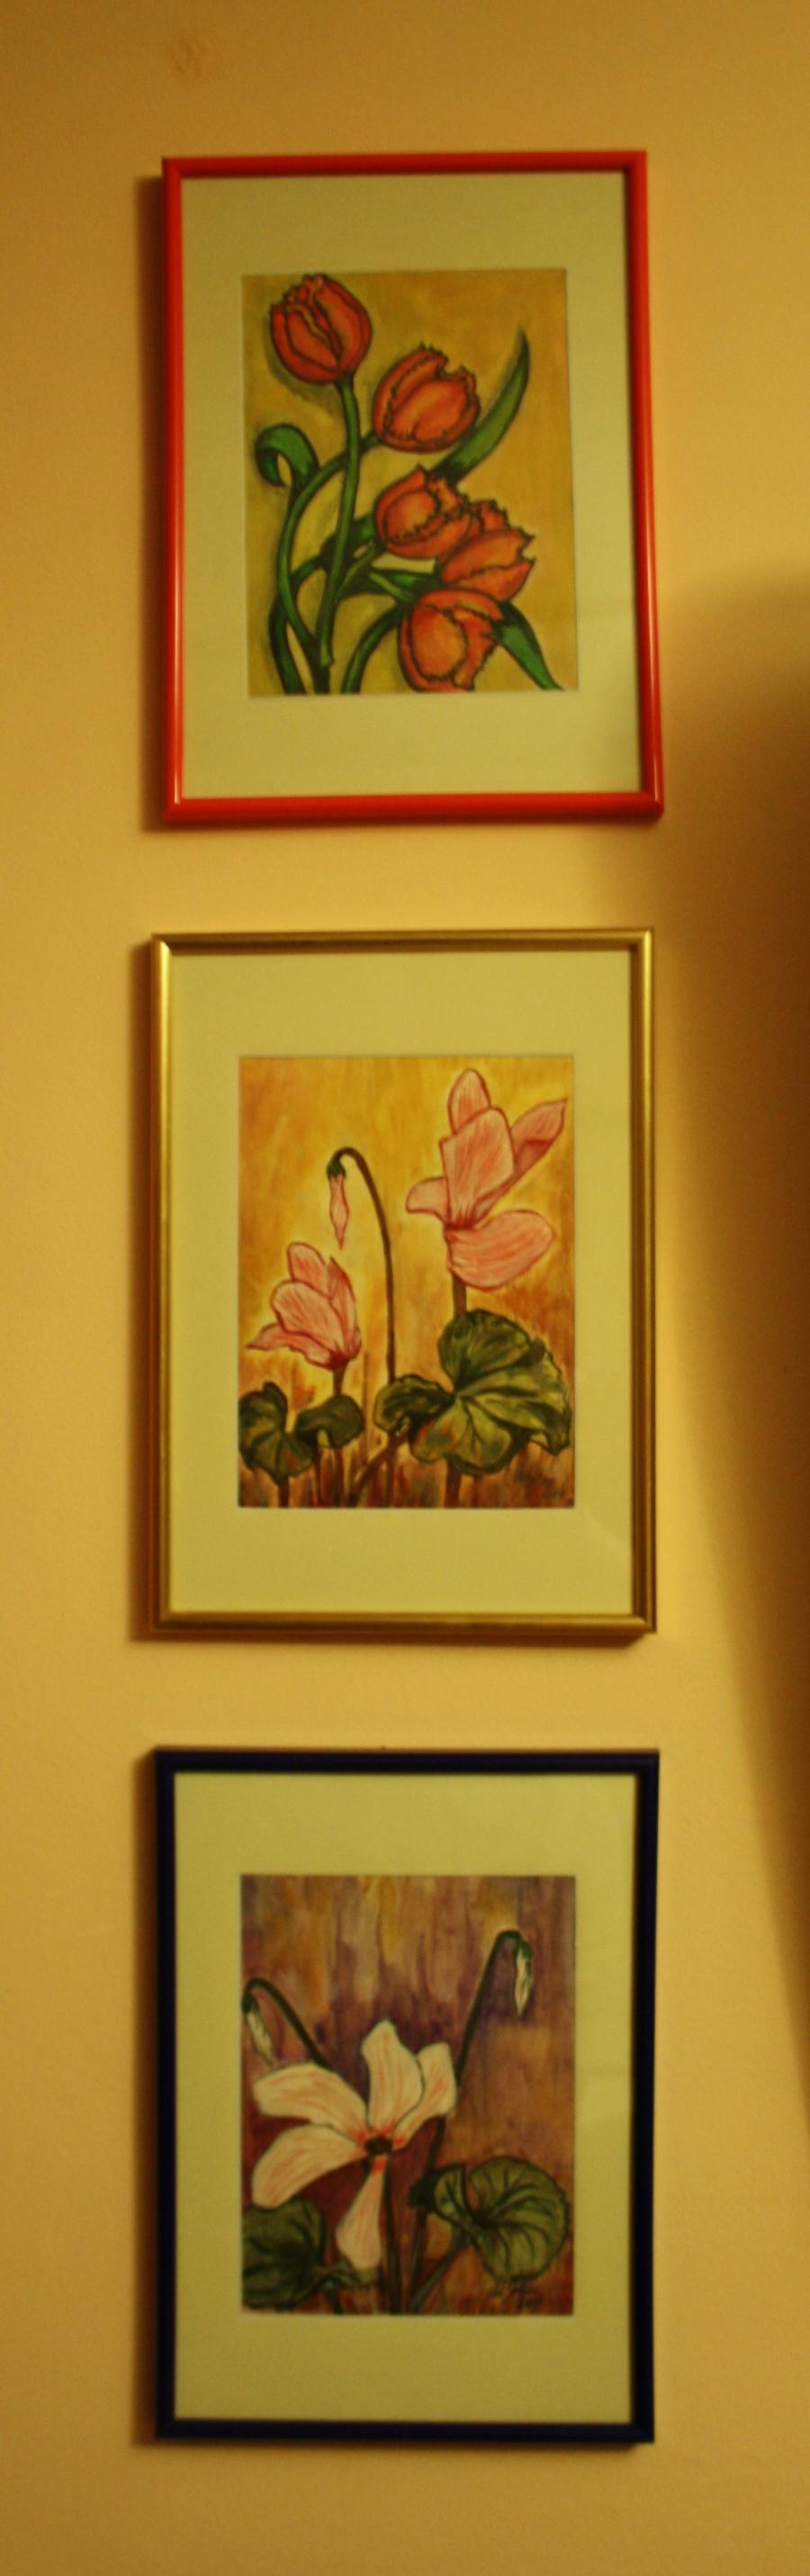 Picturi acuarela Aranjament 3 tablouri